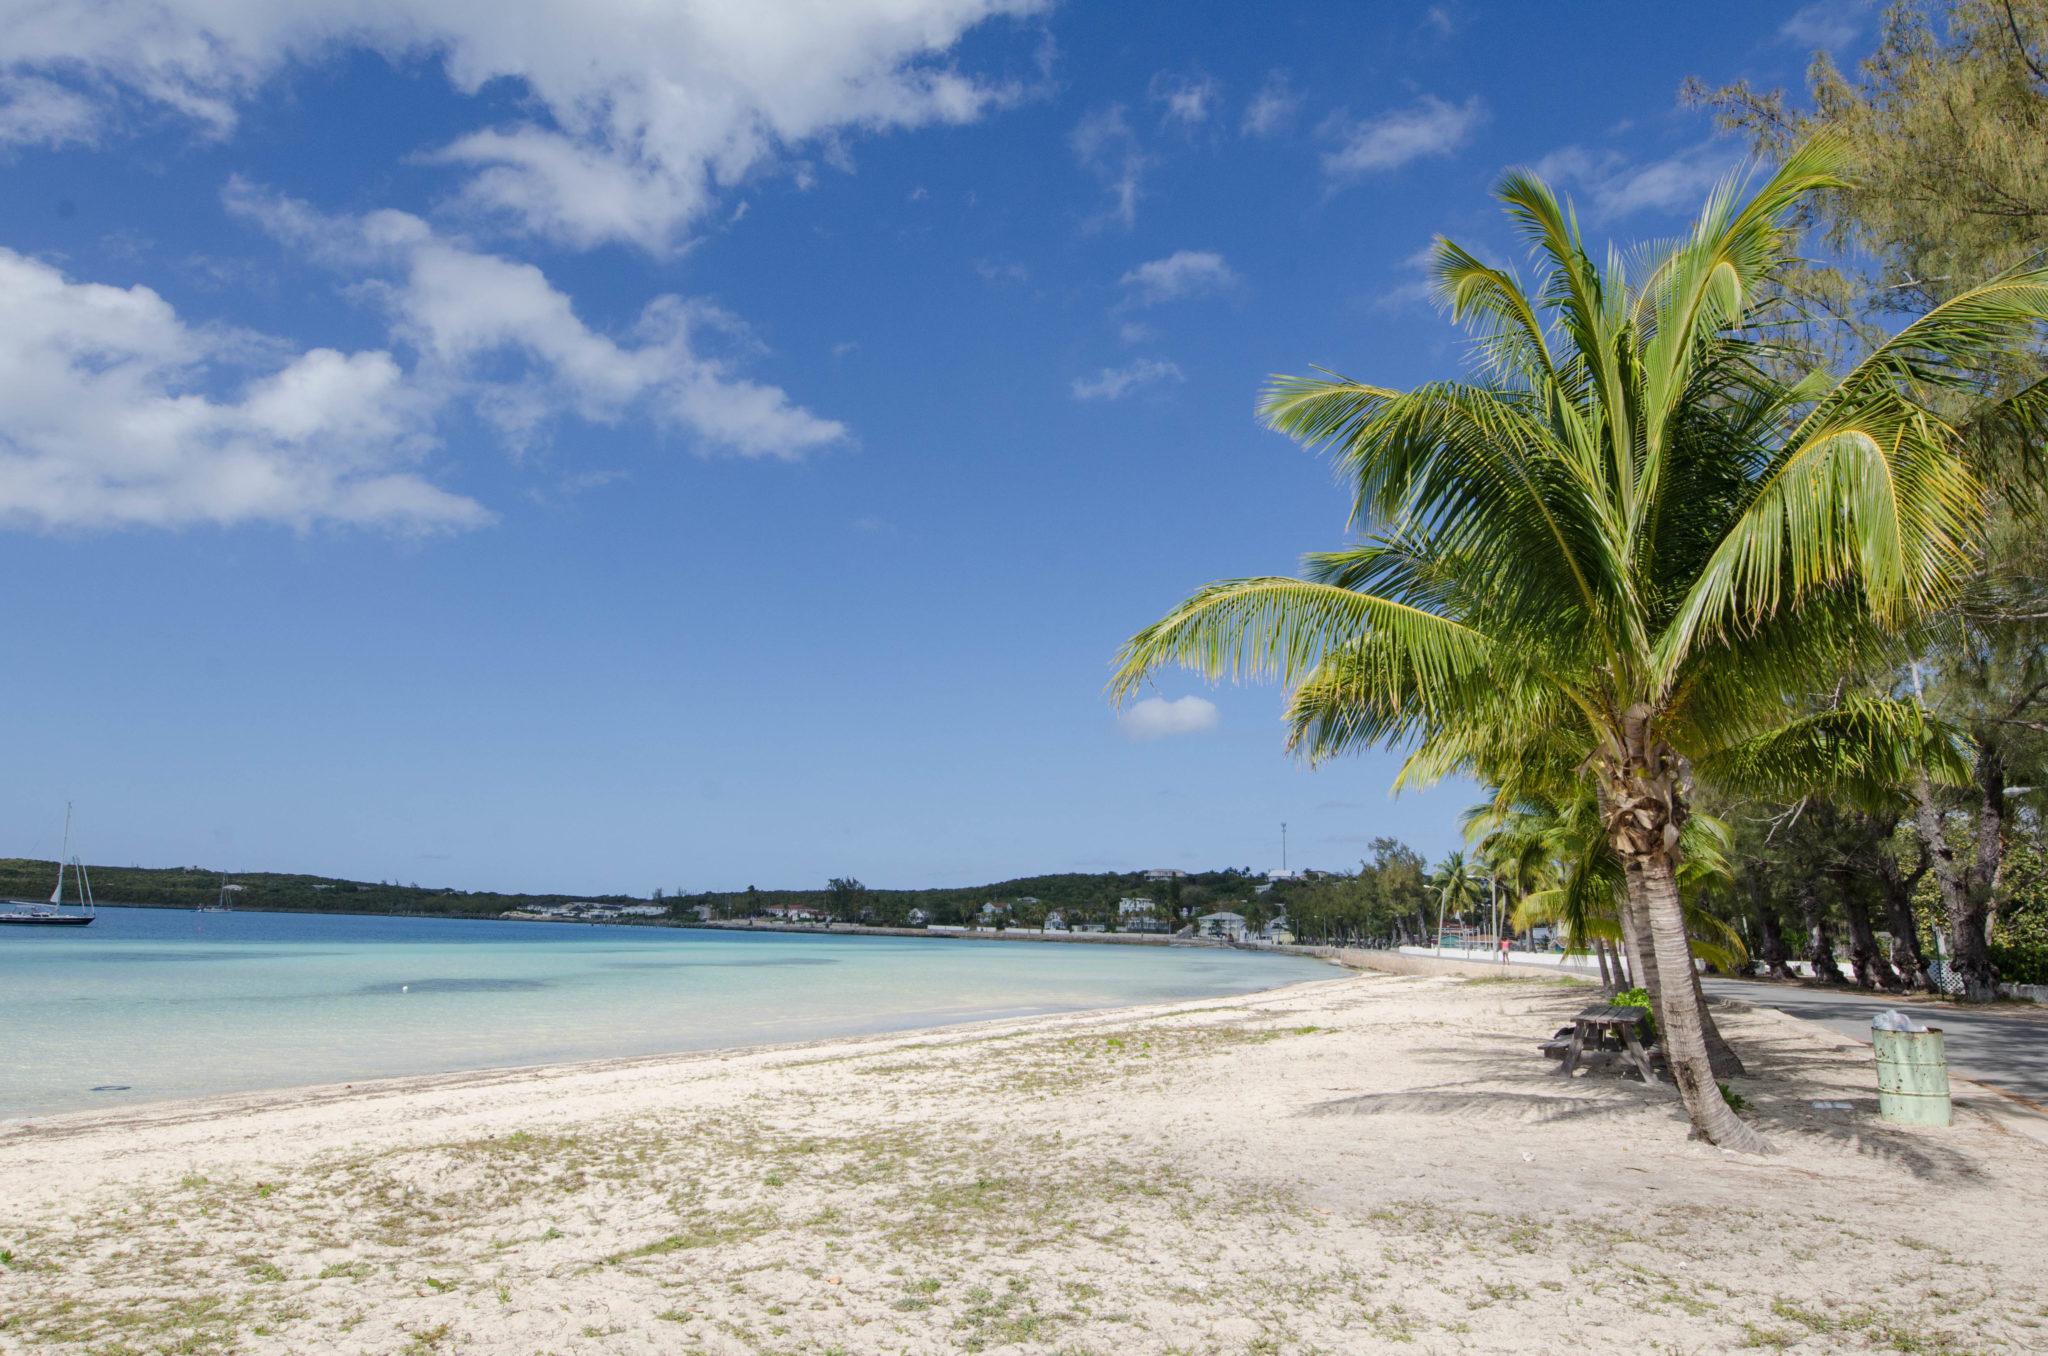 Traumstrände auf den Bahamas im April